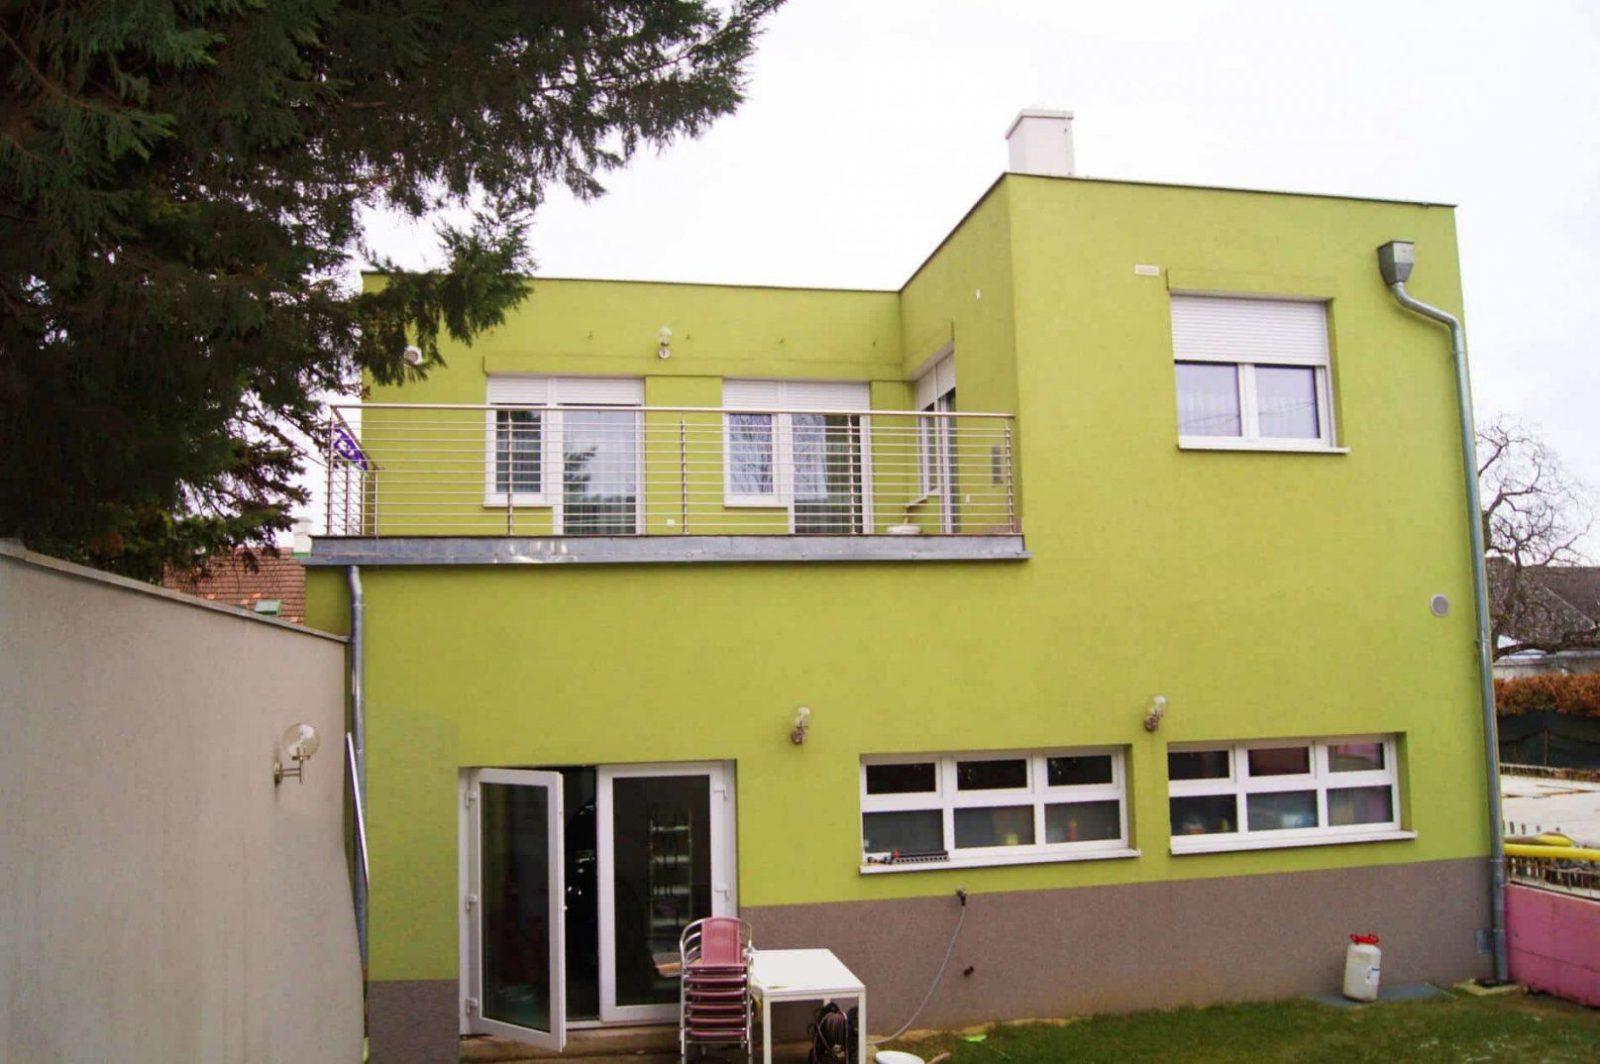 Werkstatt Kfz & Wohnungsumbau  Baufirmen Wien  Baufirmen von Kfz Werkstatt Bauen Kosten Photo